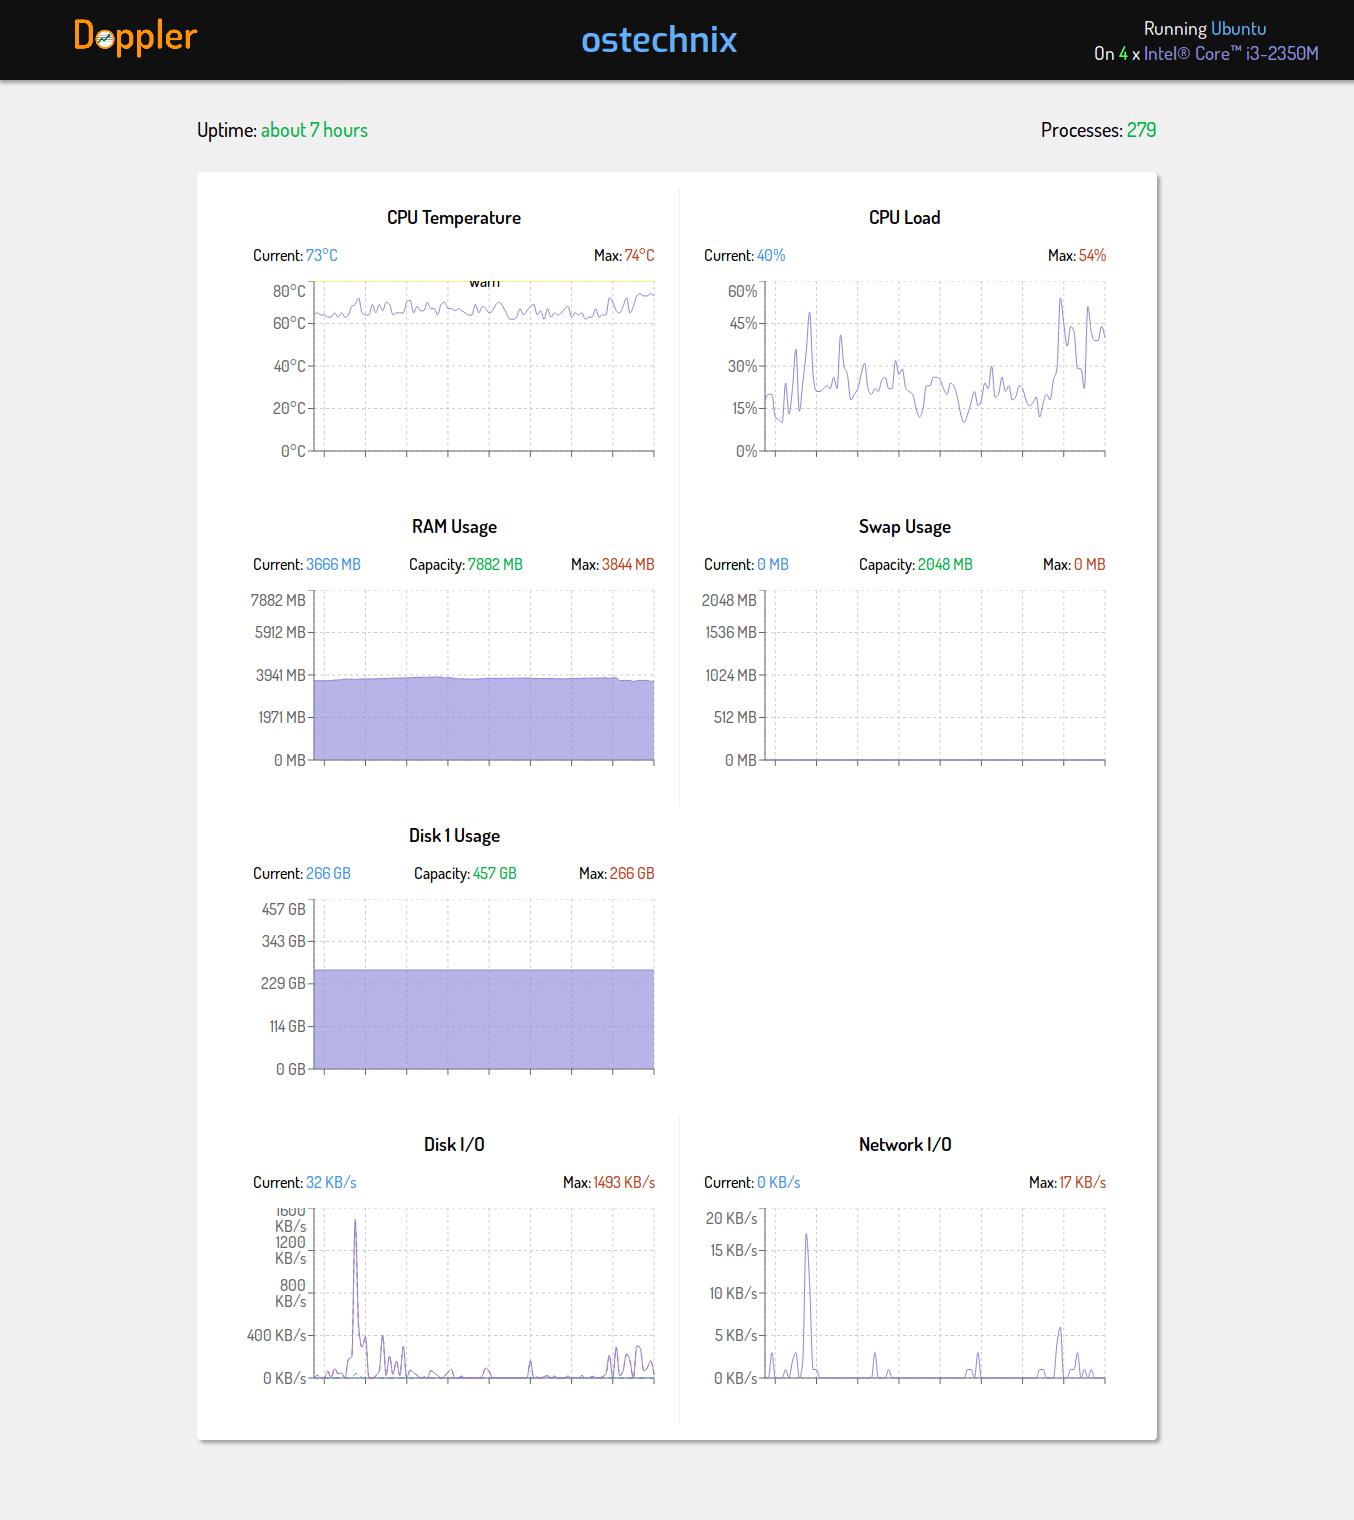 doppler running on ubuntu